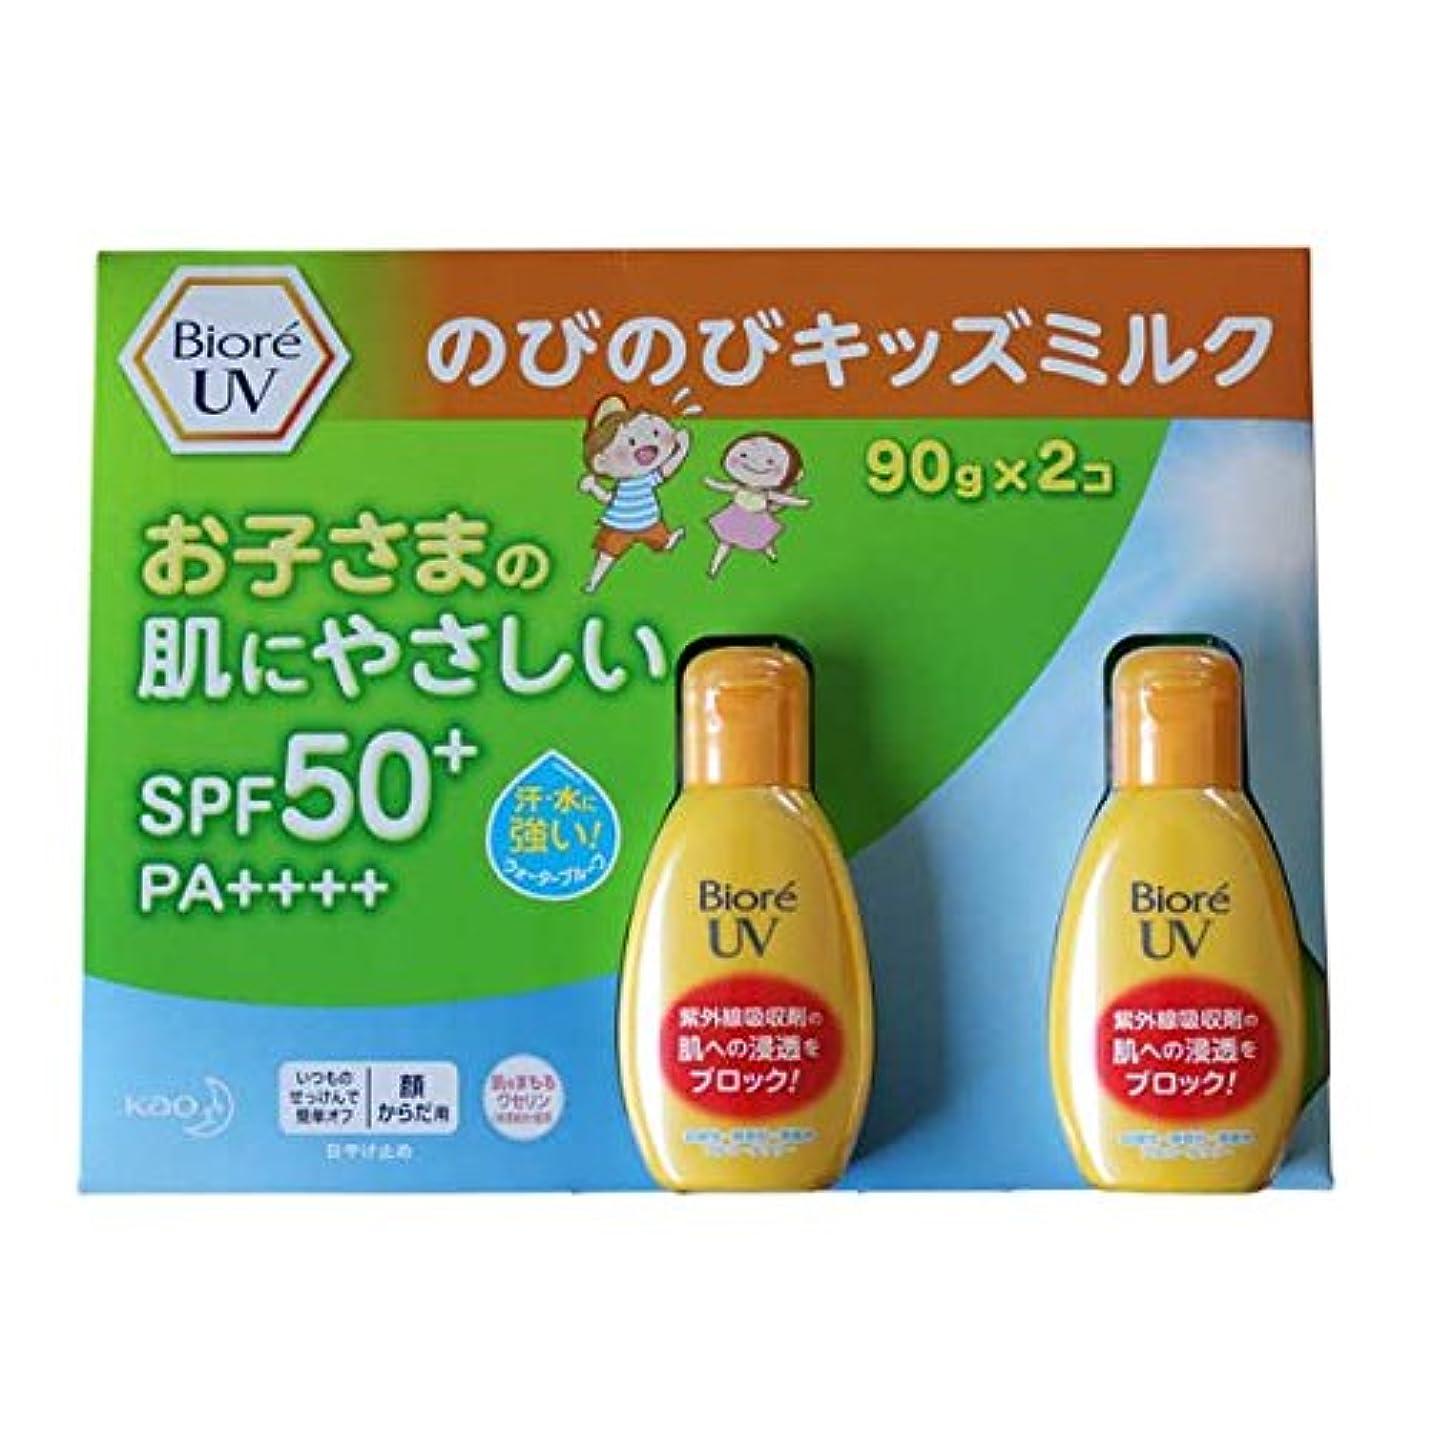 戸口広大な間花王 ビオレ UV のびのびキッズミルク 日焼け止め乳液 SPF50+ PA++++ 90gx2本セット 強力紫外線カット